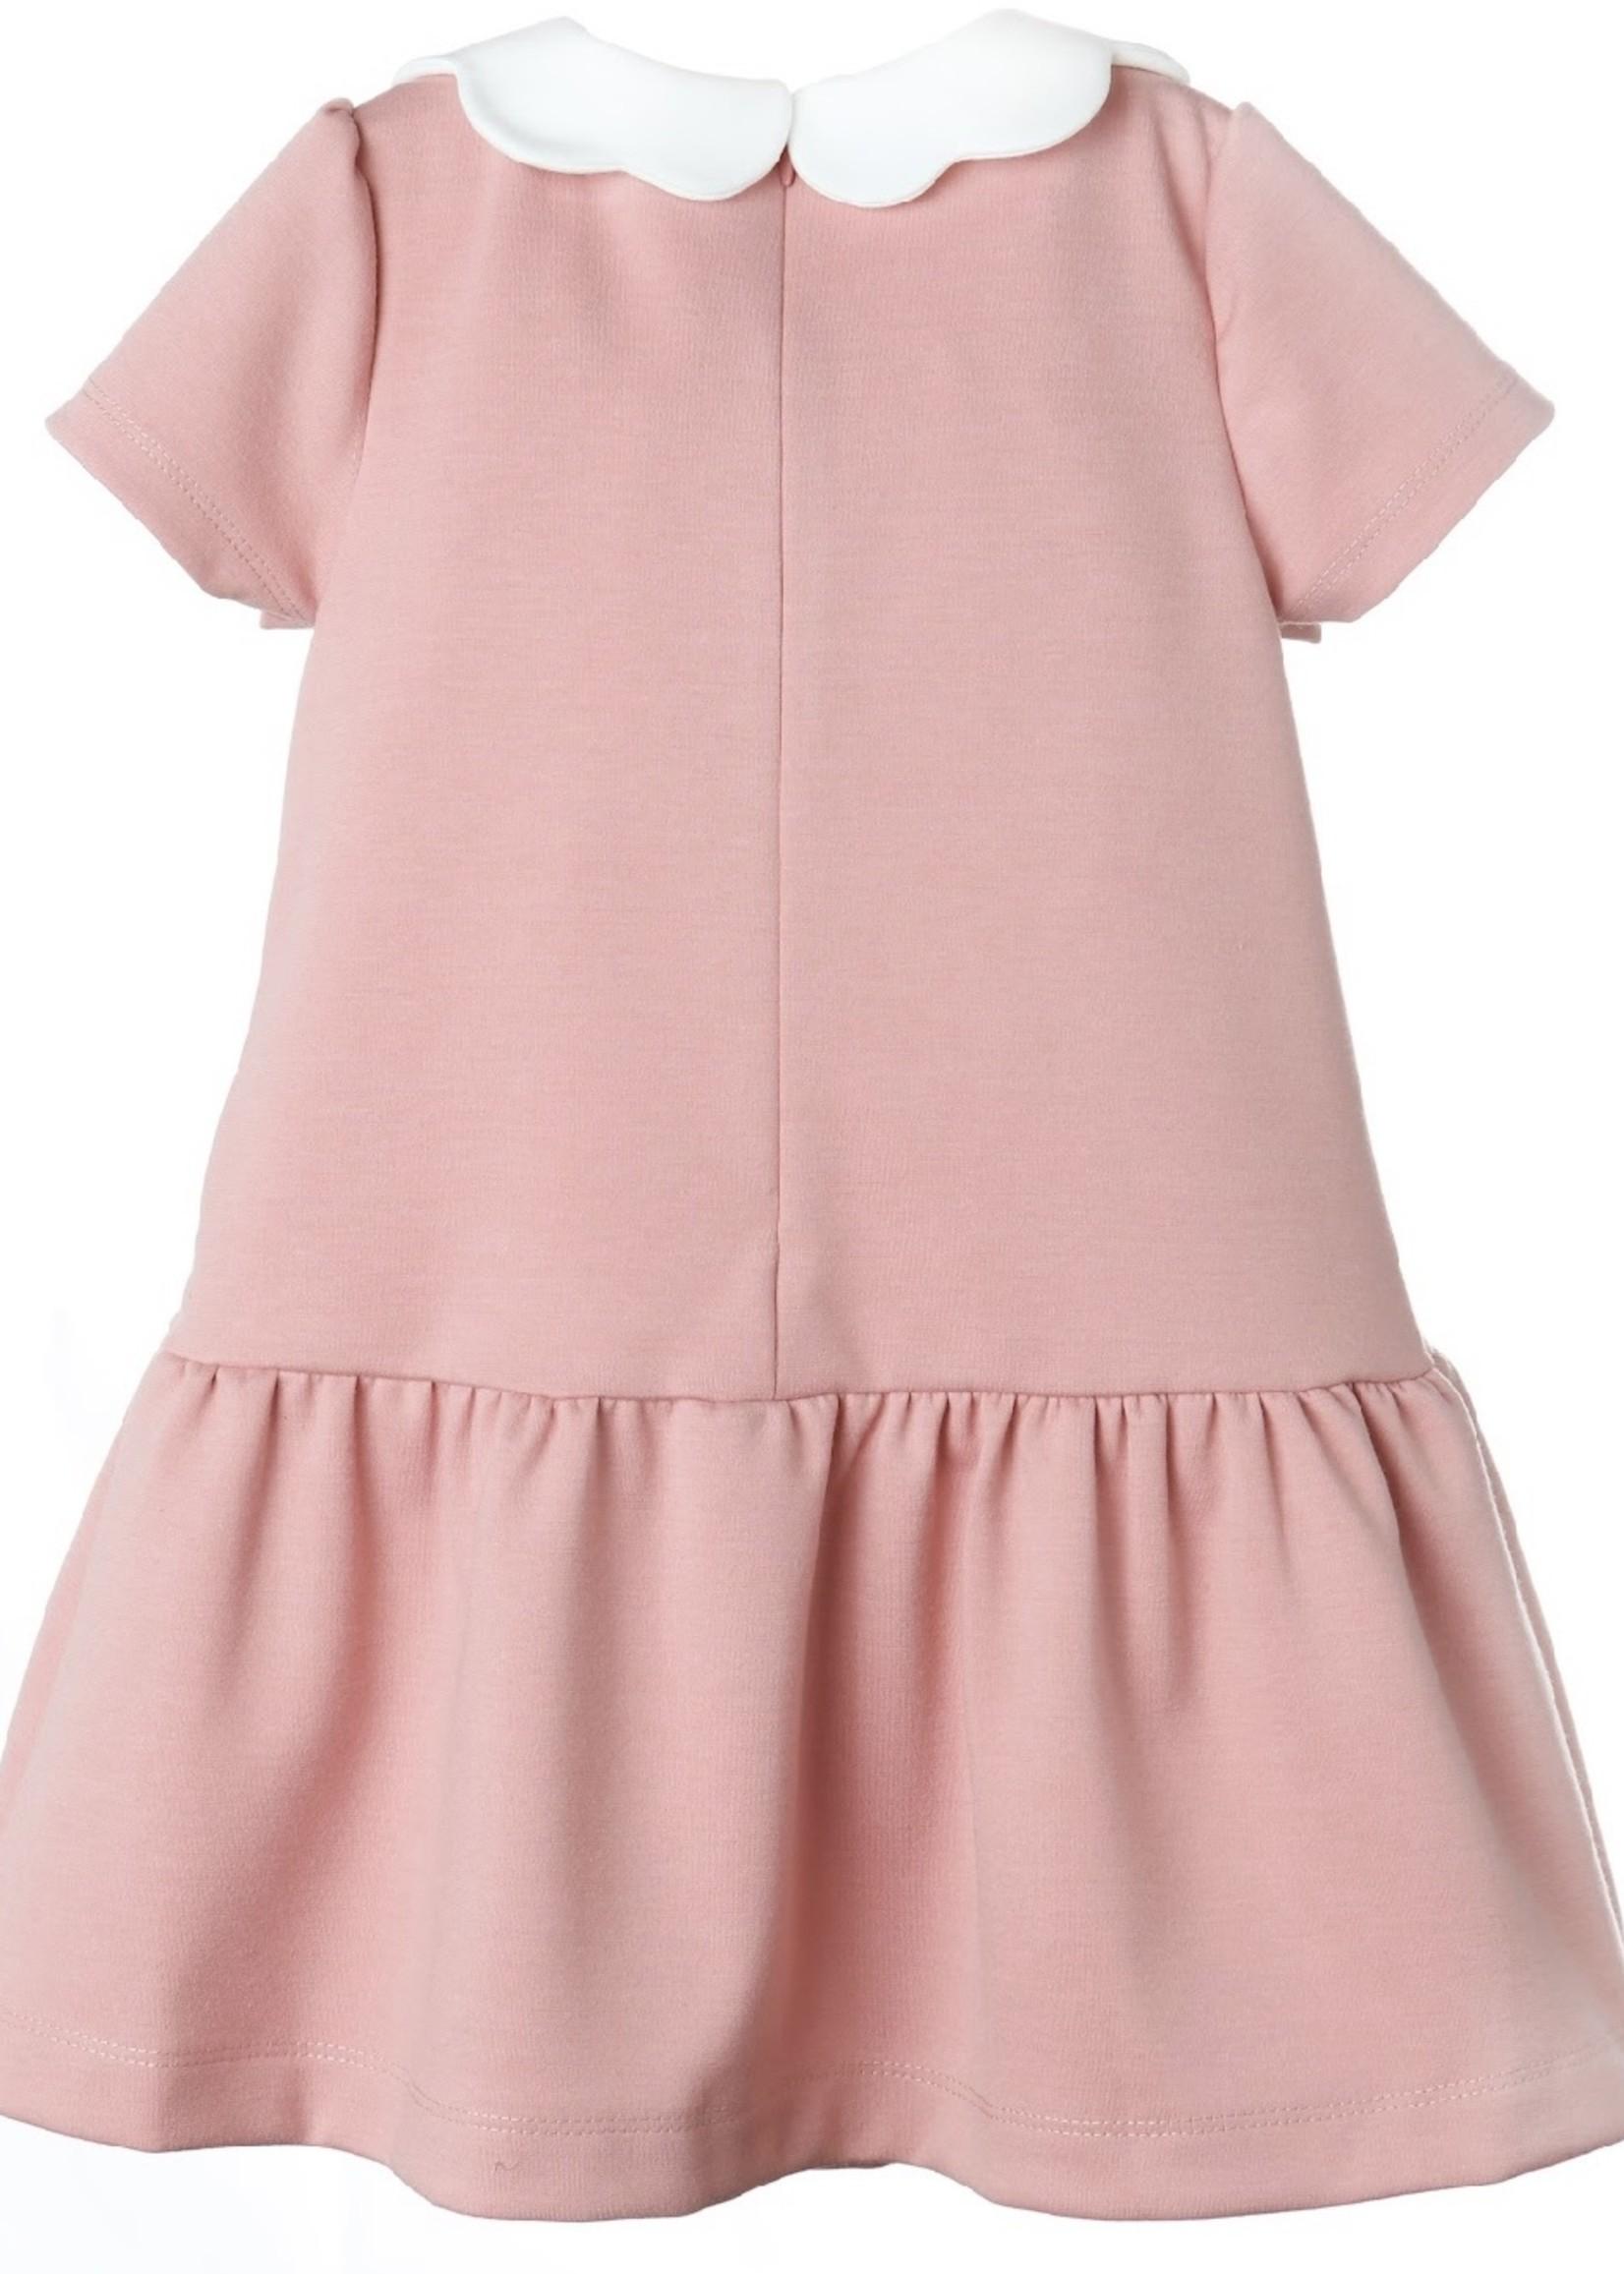 ROSE KNIT DROPWAIST DRESS